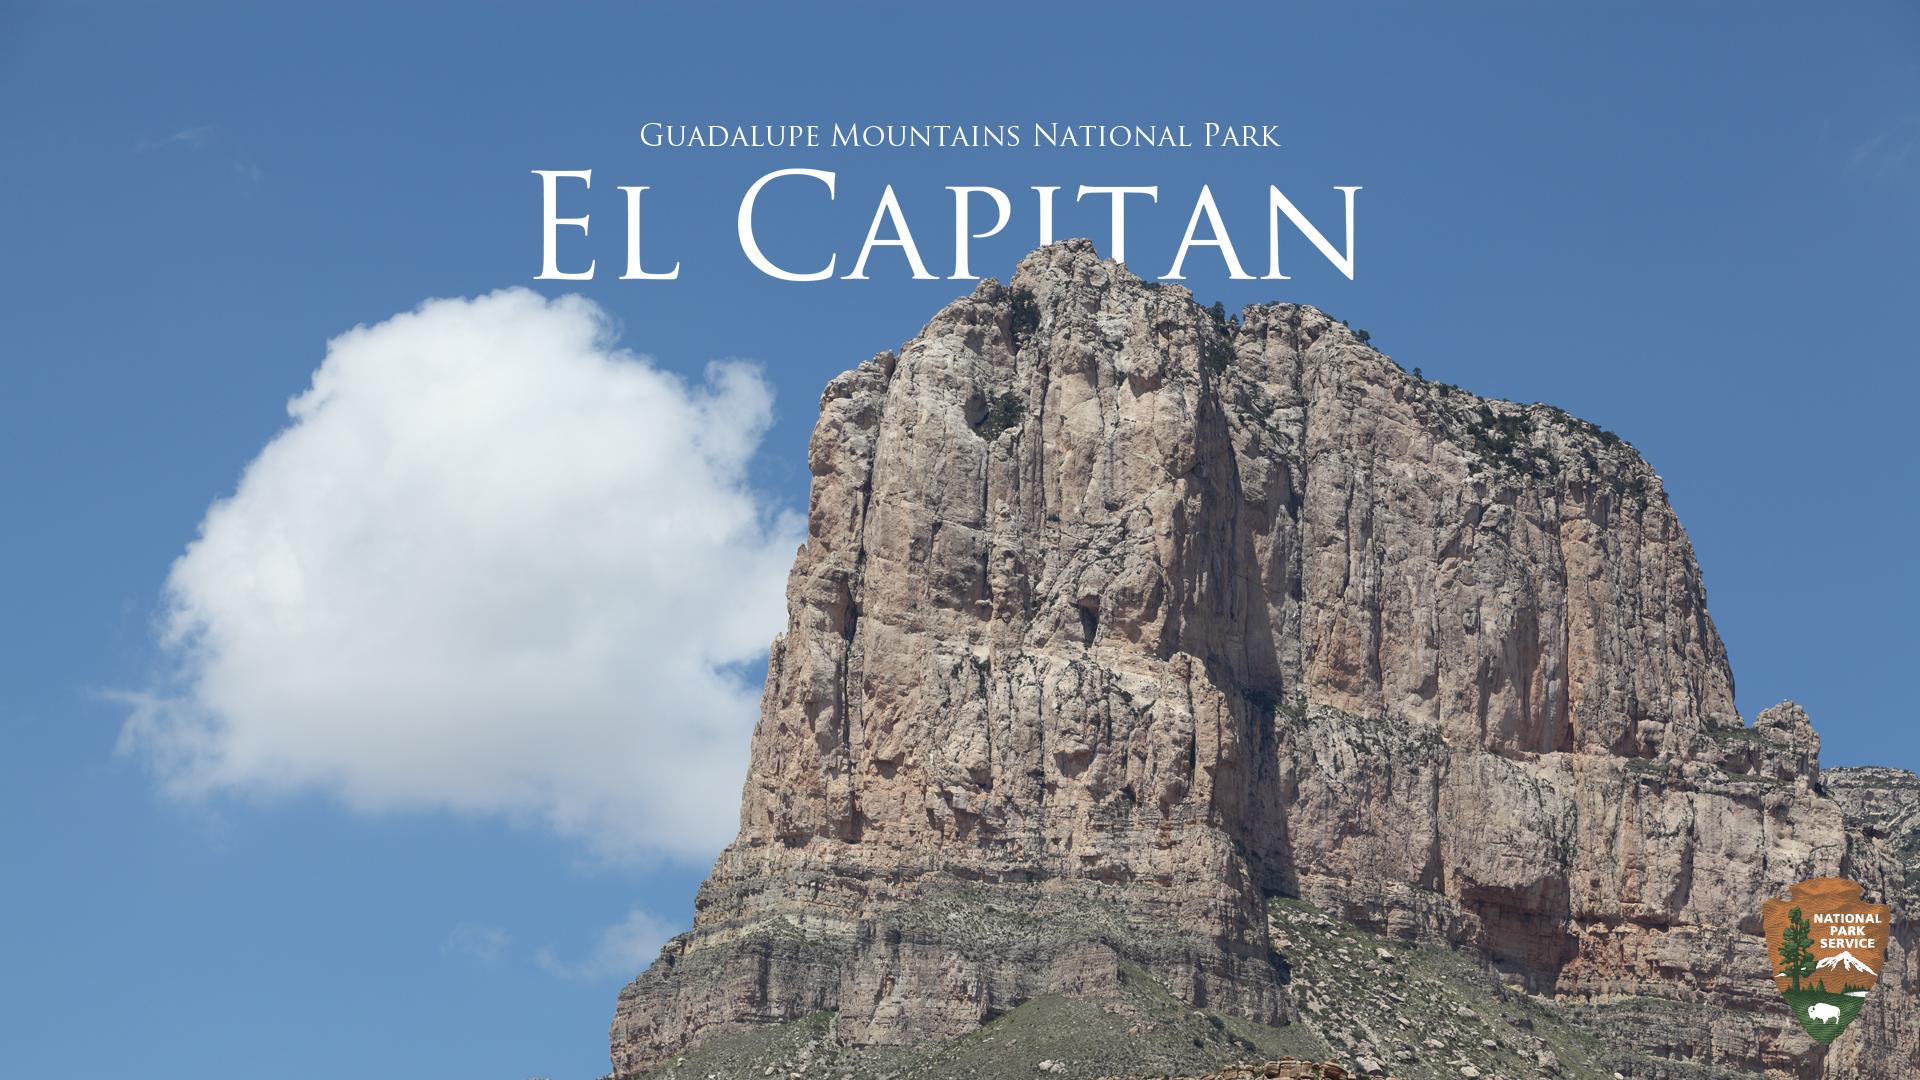 Fall Calendar Desktop Wallpaper Desktop Wallpapers Guadalupe Mountains National Park U